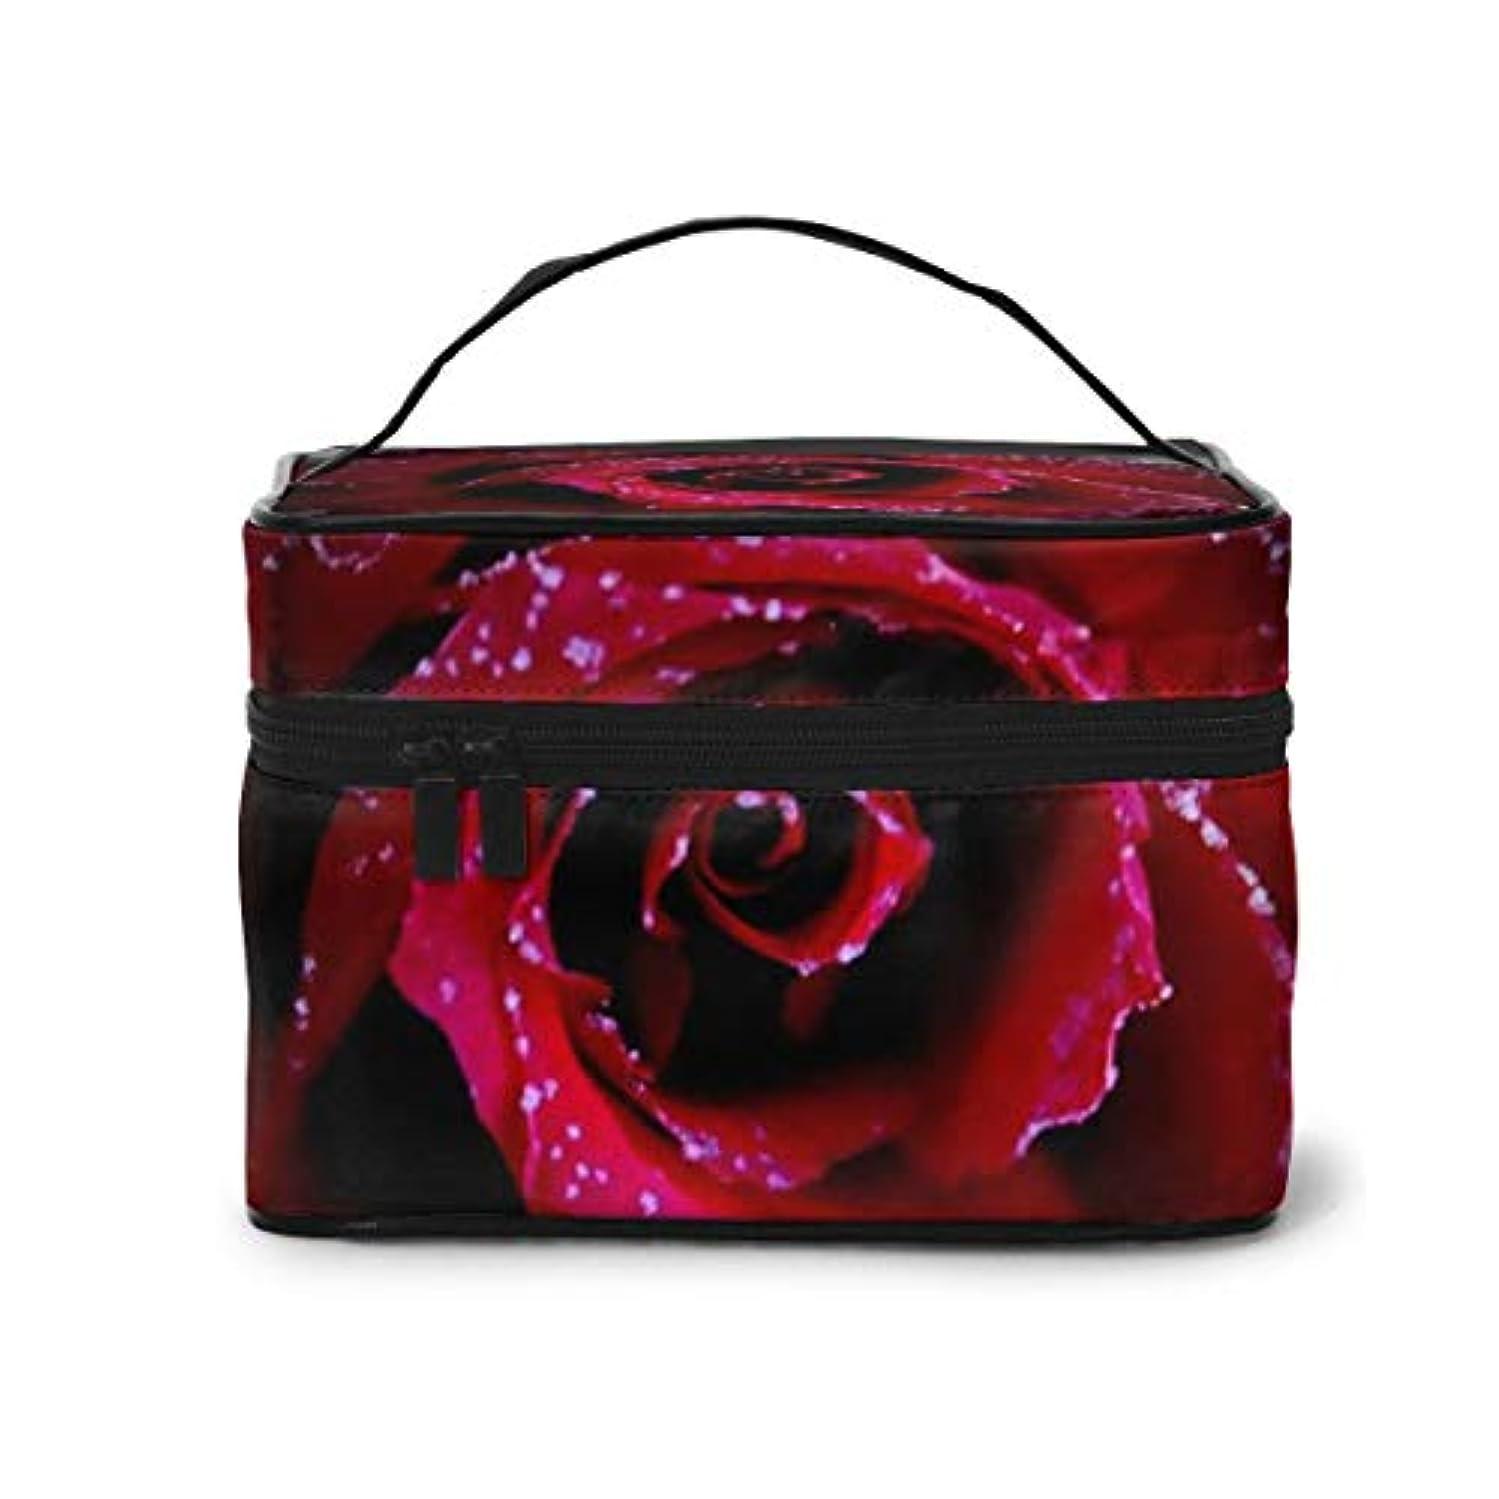 クレデンシャル剃る成果メイクポーチ 化粧ポーチ コスメバッグ バニティケース トラベルポーチ 薔薇 レッド 雑貨 小物入れ 出張用 超軽量 機能的 大容量 収納ボックス